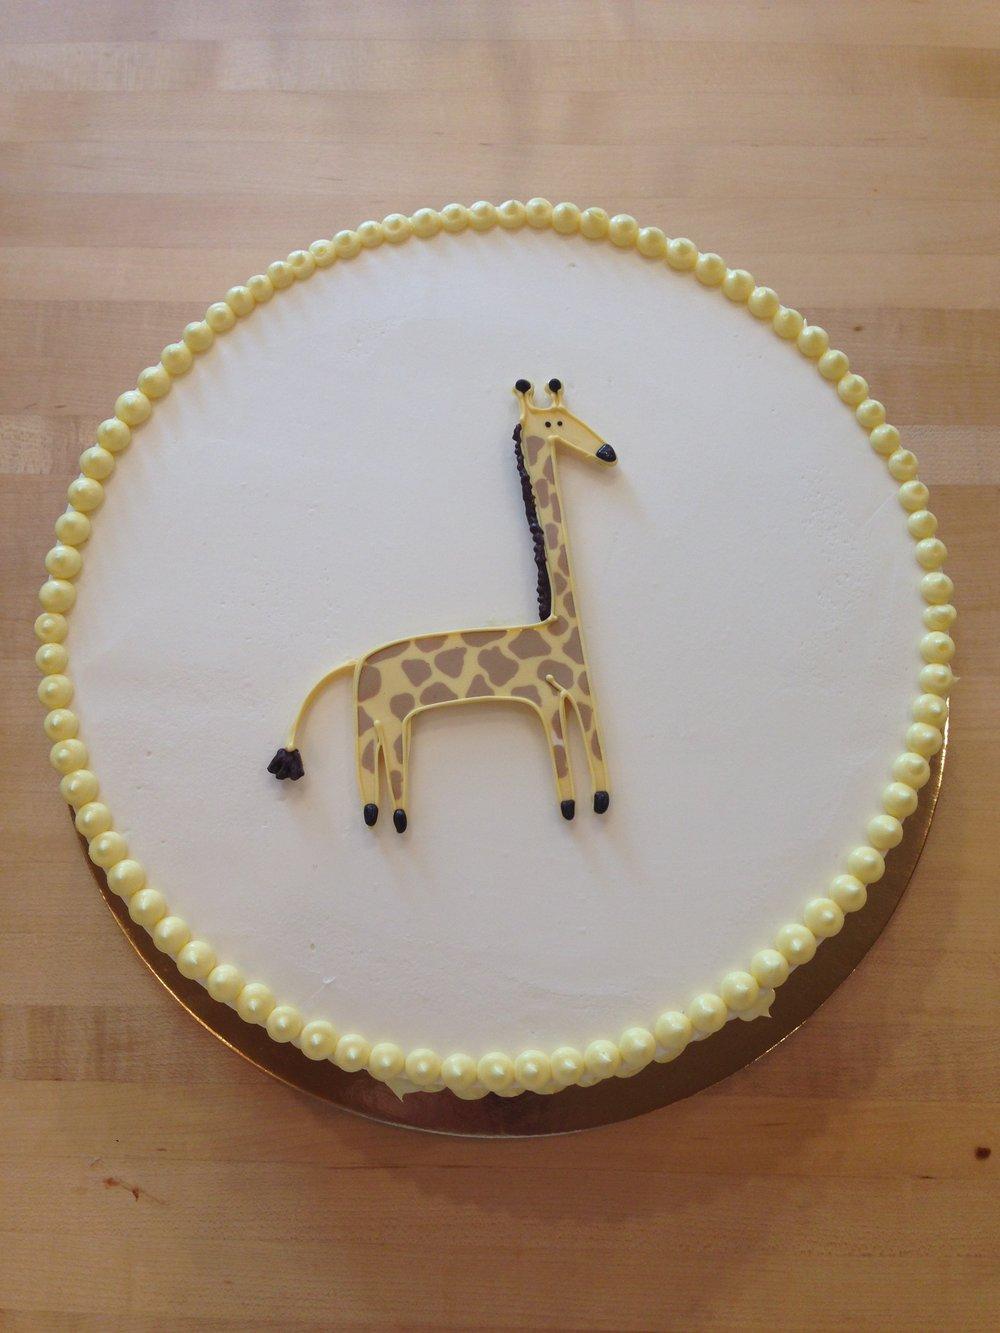 Giraffe, smash cake